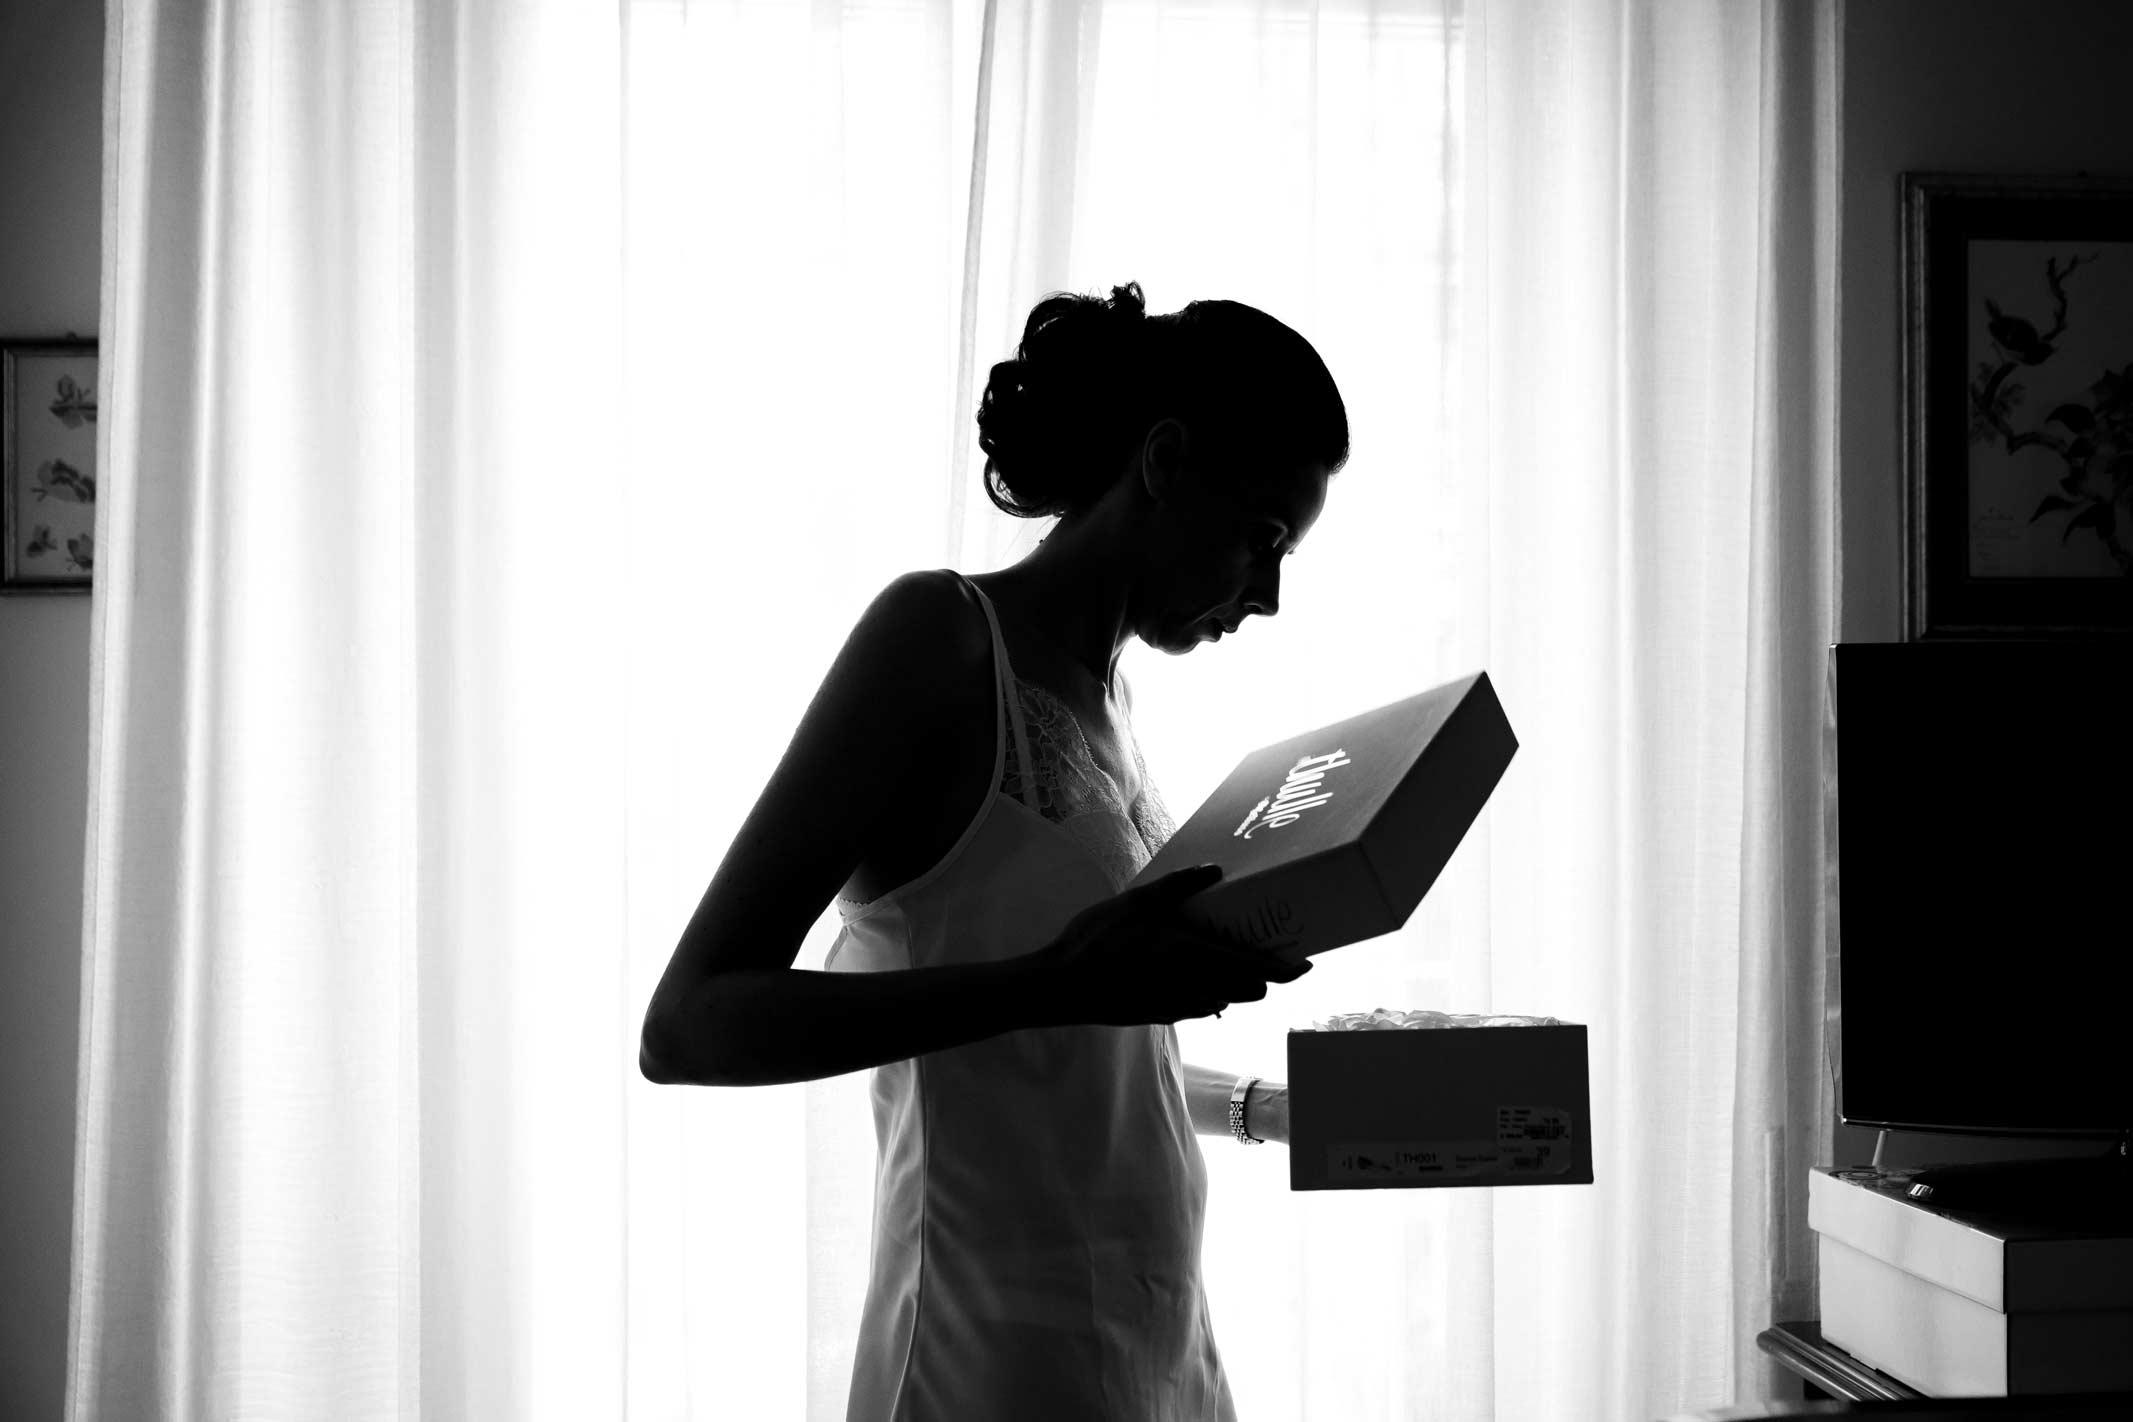 Fotografo-Per-Matrimonio-Roma-Stile-Reportage-Preparativi-Sposa